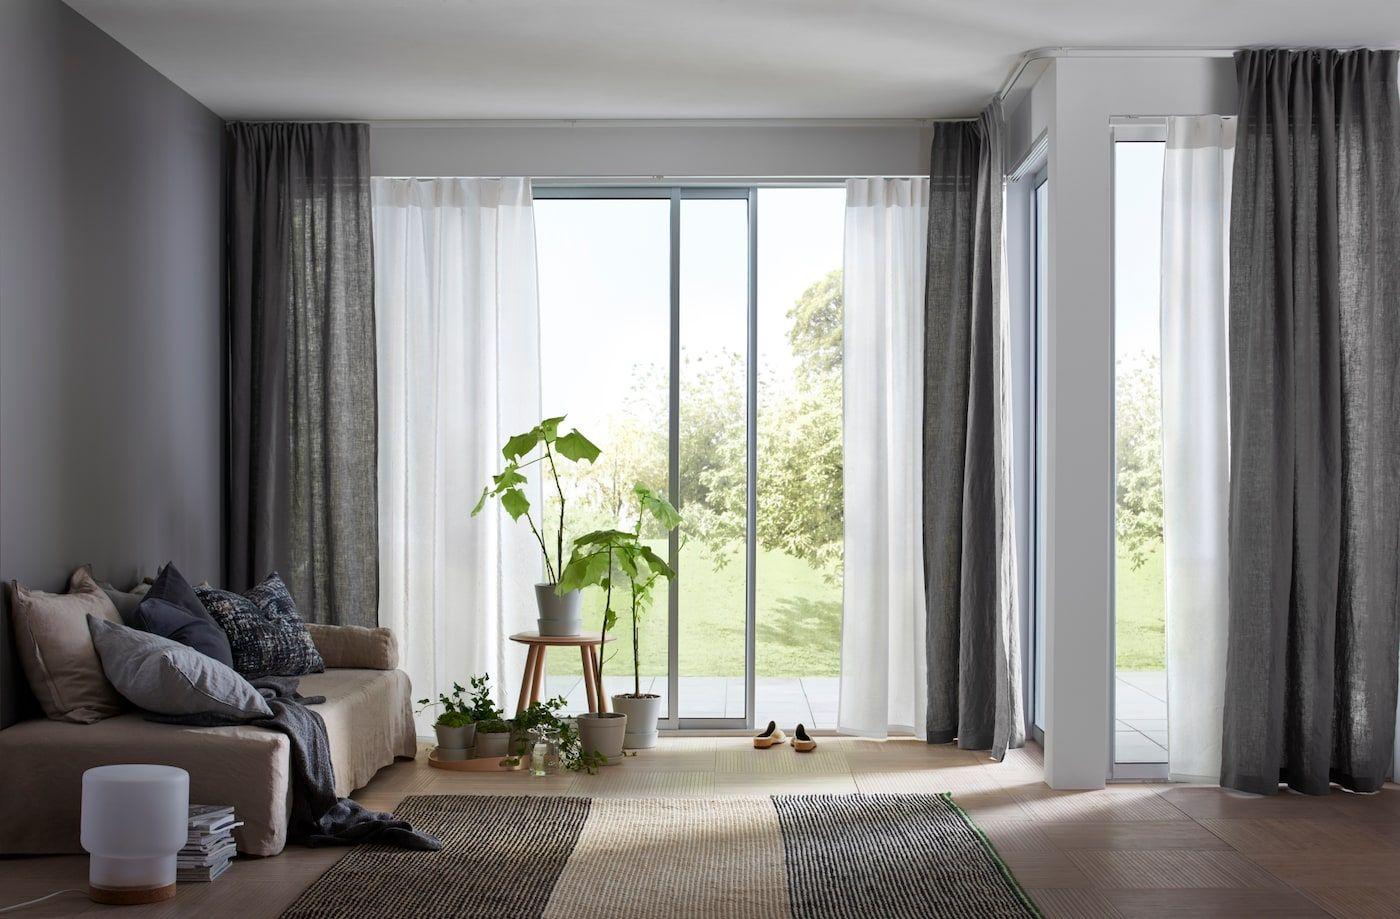 Aina Gardinen Gardinen Wohnzimmer Gardinen Wohnzimmer Modern Vorhänge Wohnzimmer